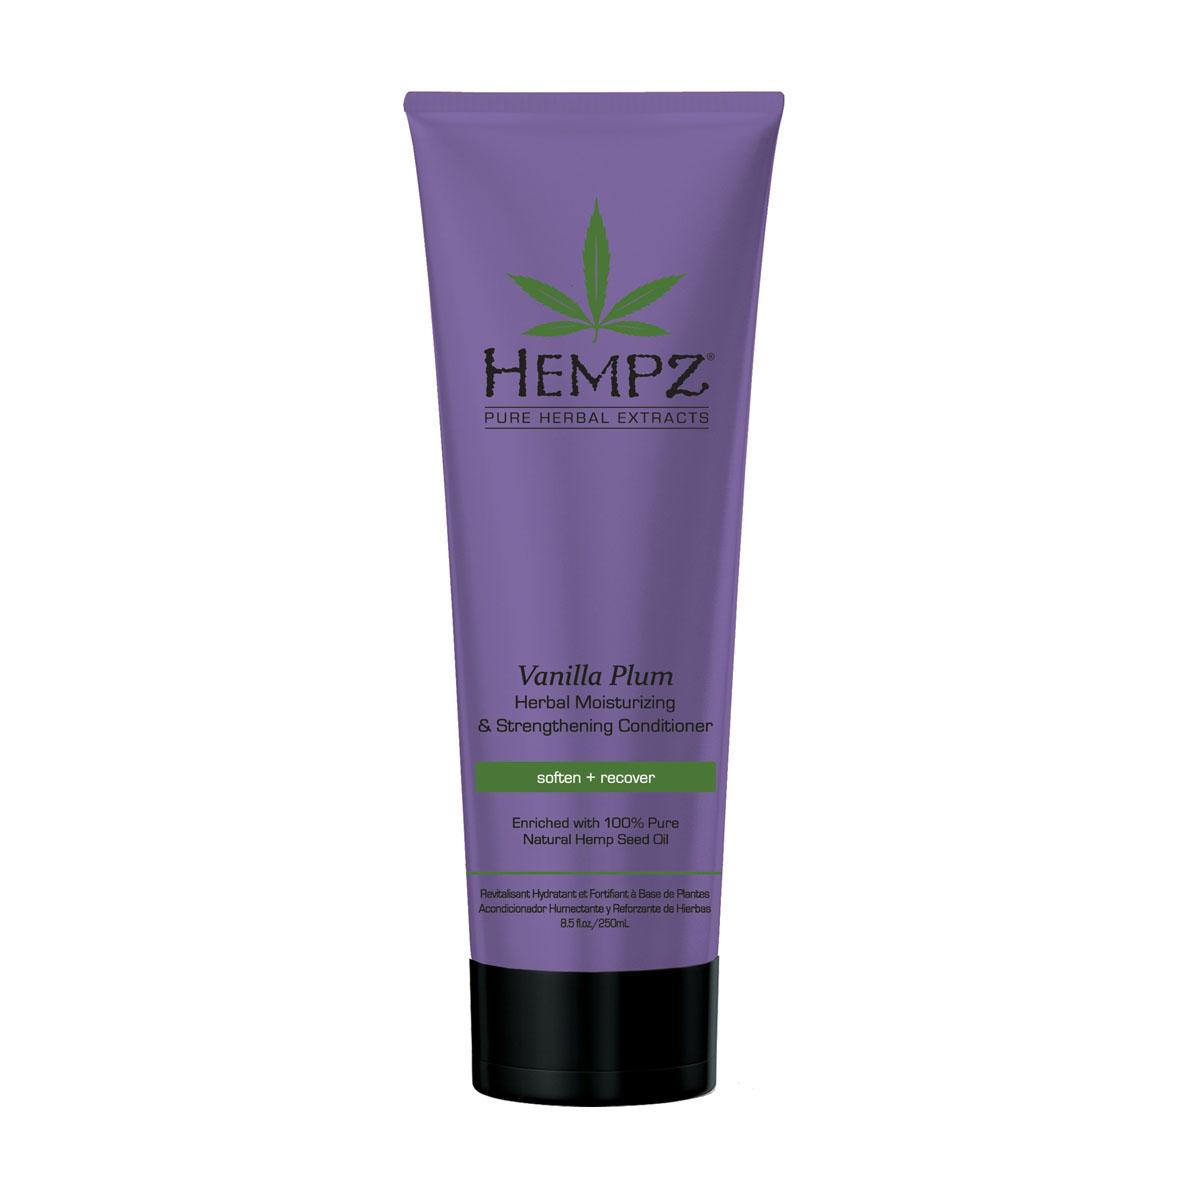 Hempz Кондиционер растительный увлажняющий и укрепляющий Ваниль и Слива Vanilla Plum Herbal Conditioner 265 млFS-00897Кондиционер средней степени увлажнения для ослабленных волос. Кондиционер заряжает Ваши волосы энергией, возвращает мягкость и блеск тусклым волосам. Без сульфатов для максимального сохранения цвета окрашенных волос.